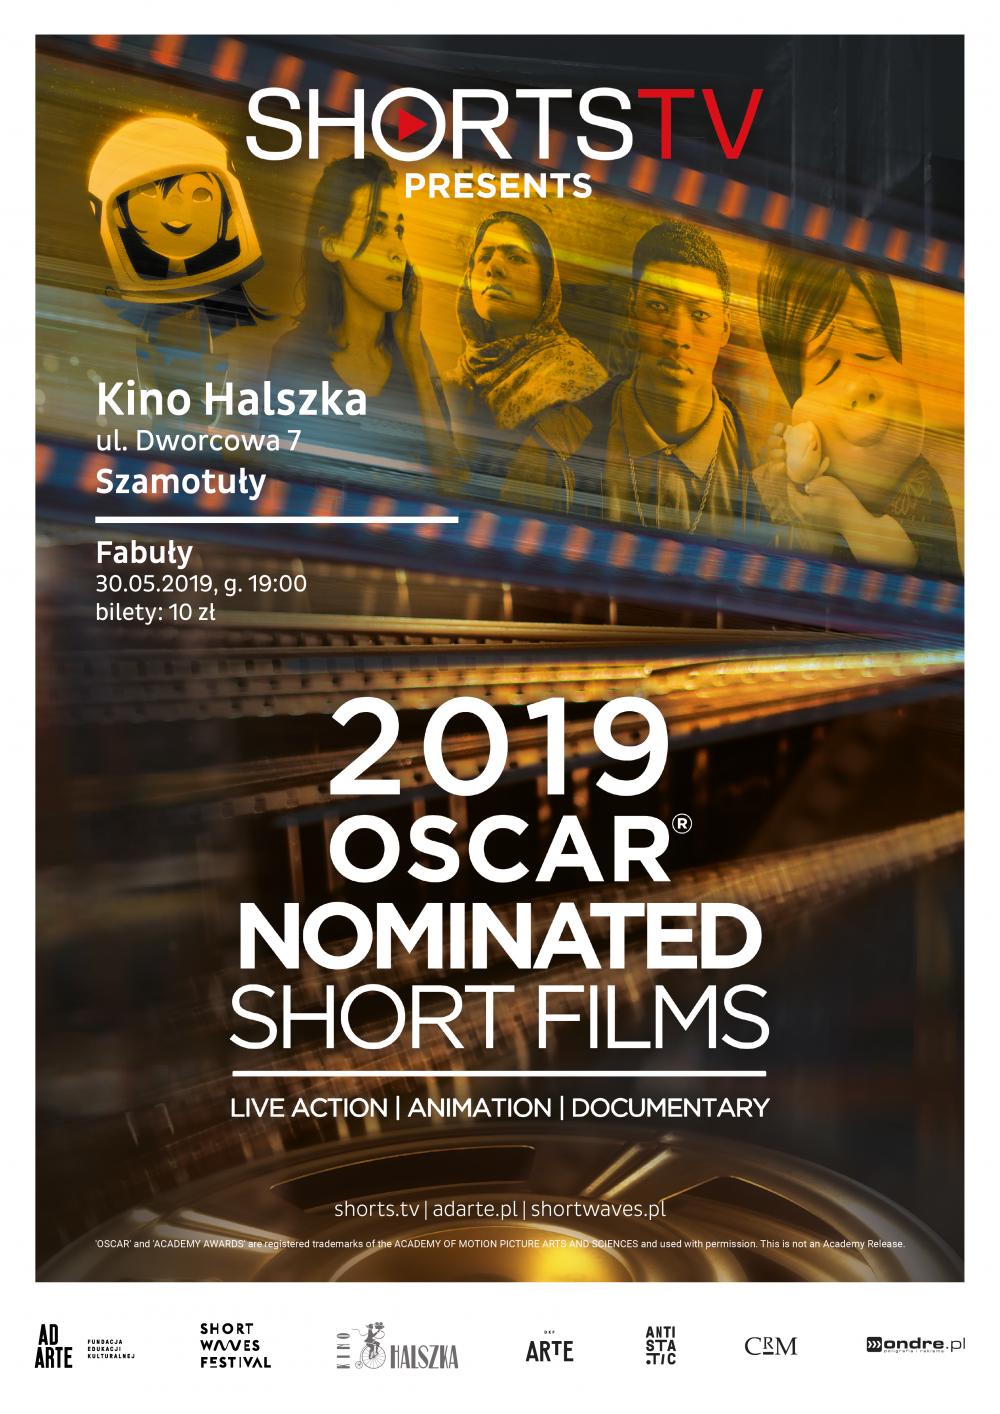 Film - DKF:OSCAR® NOMINATED SHORTS 2019: FILMY AKTORSKIE